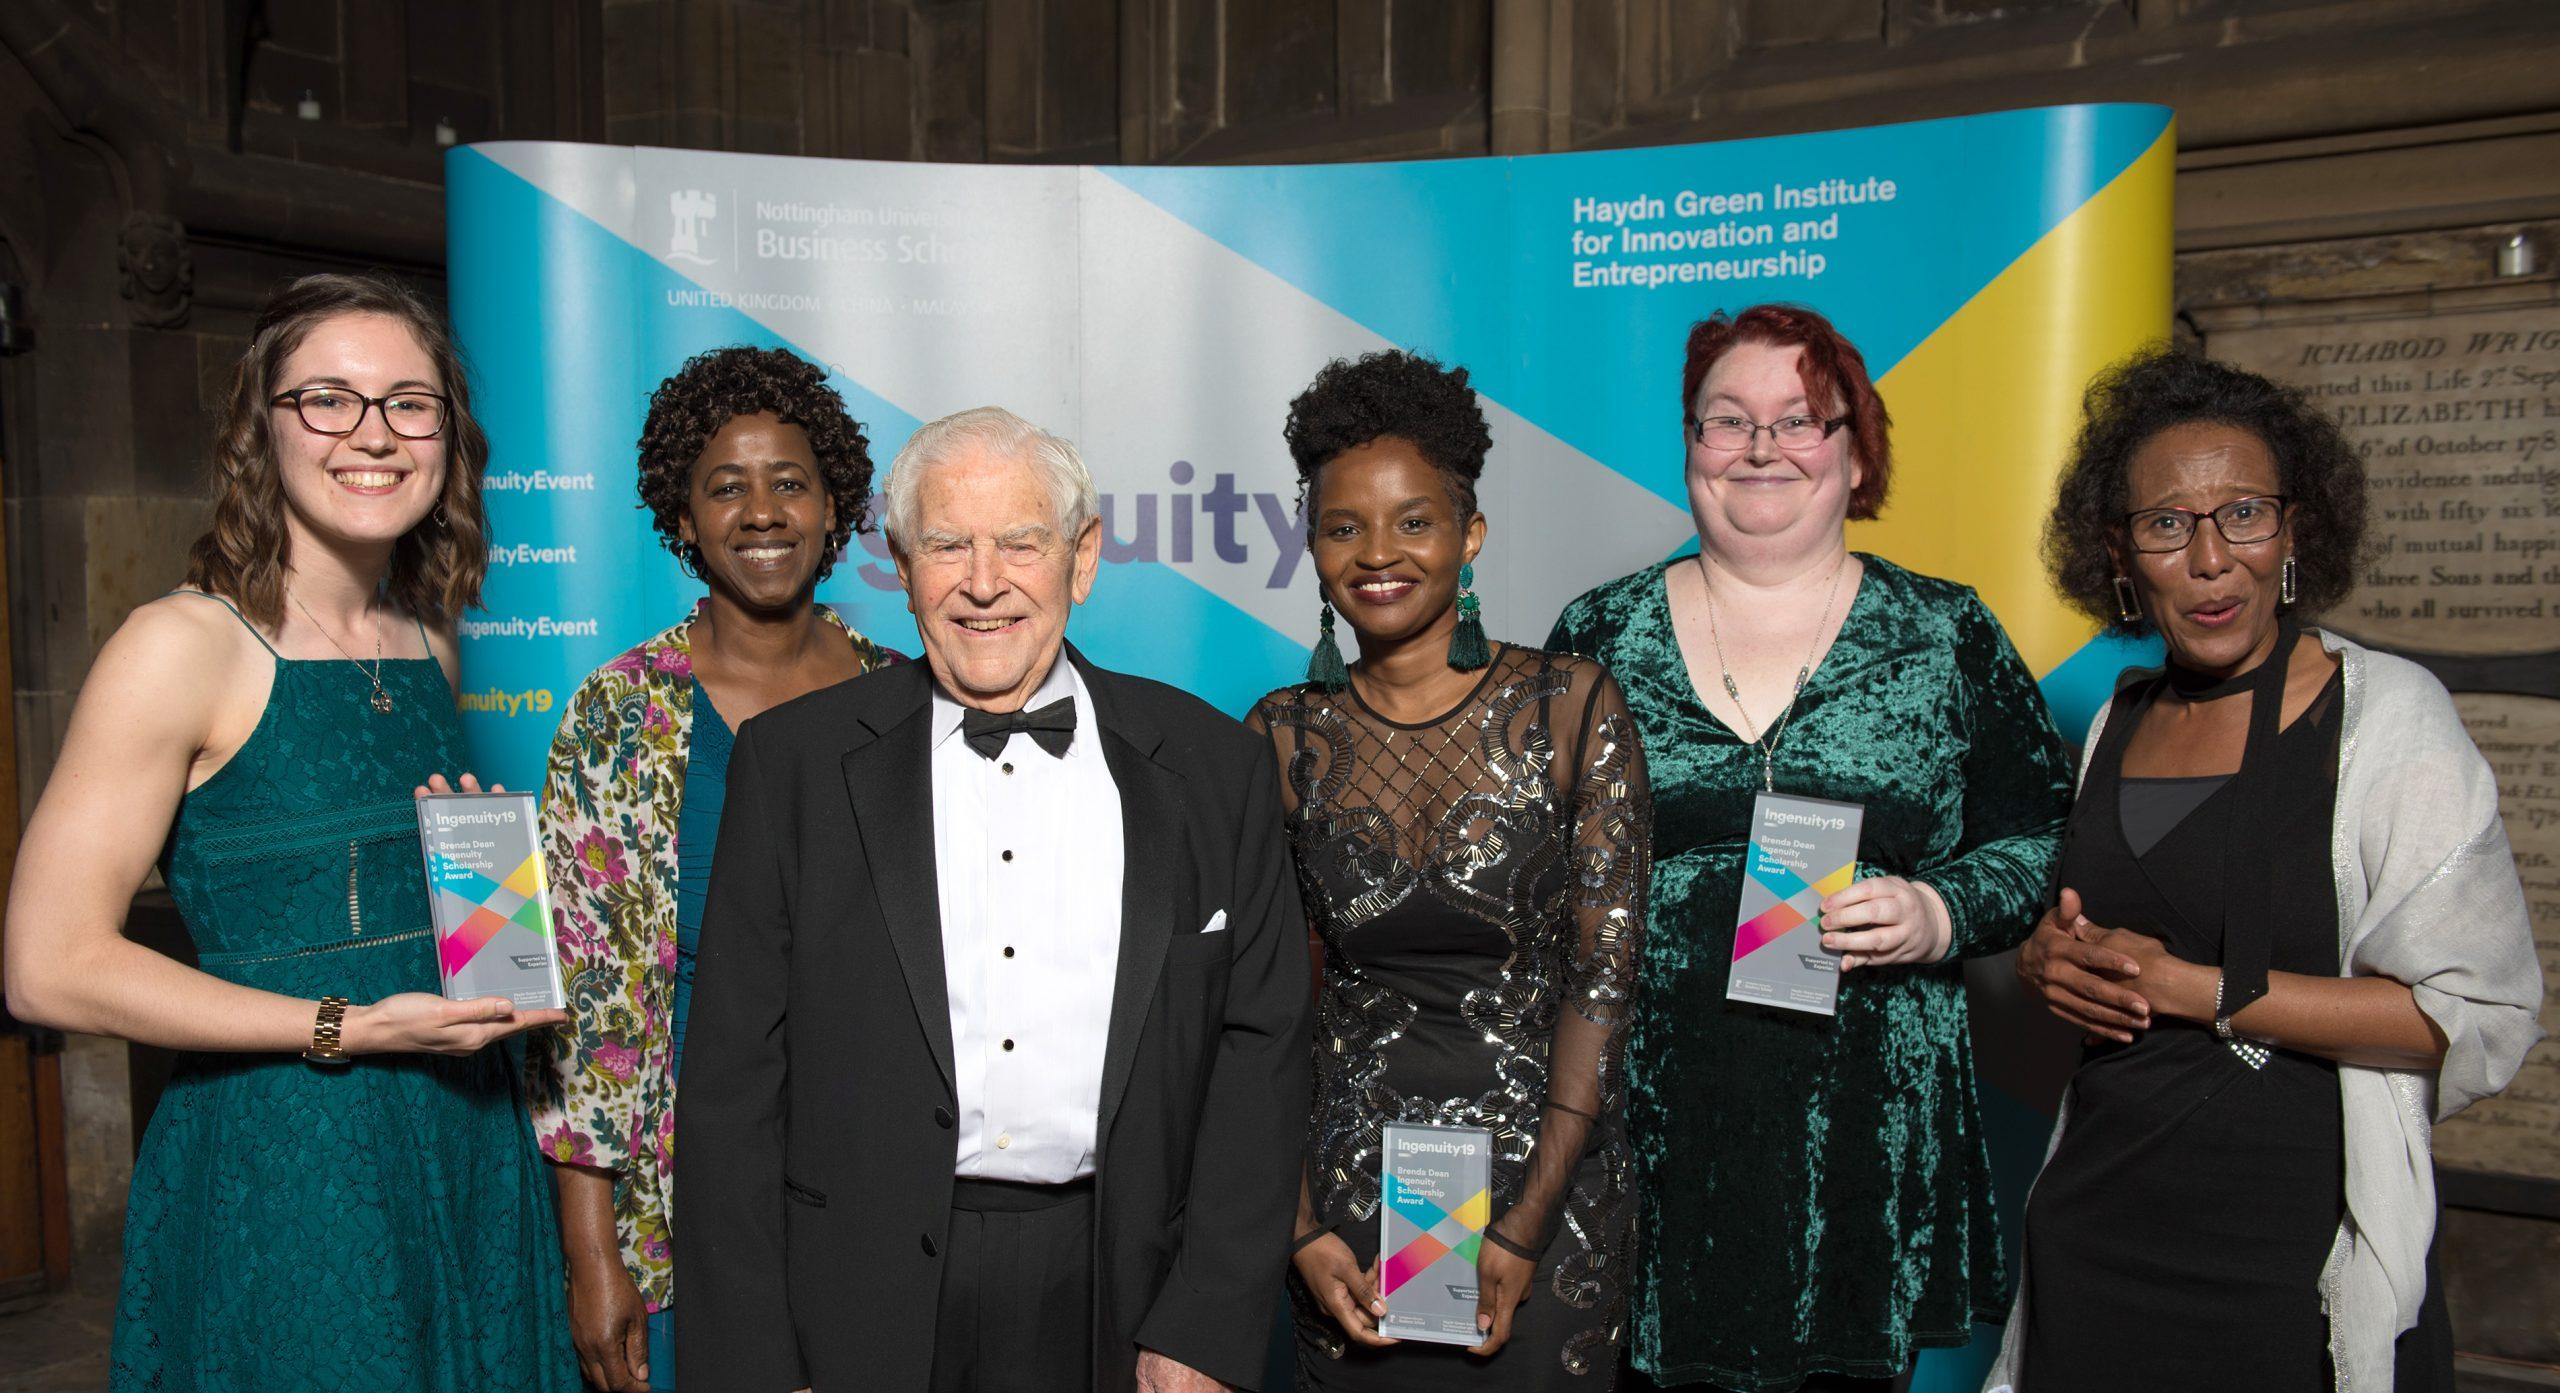 A group of Ingenuity19 winners in evening wear